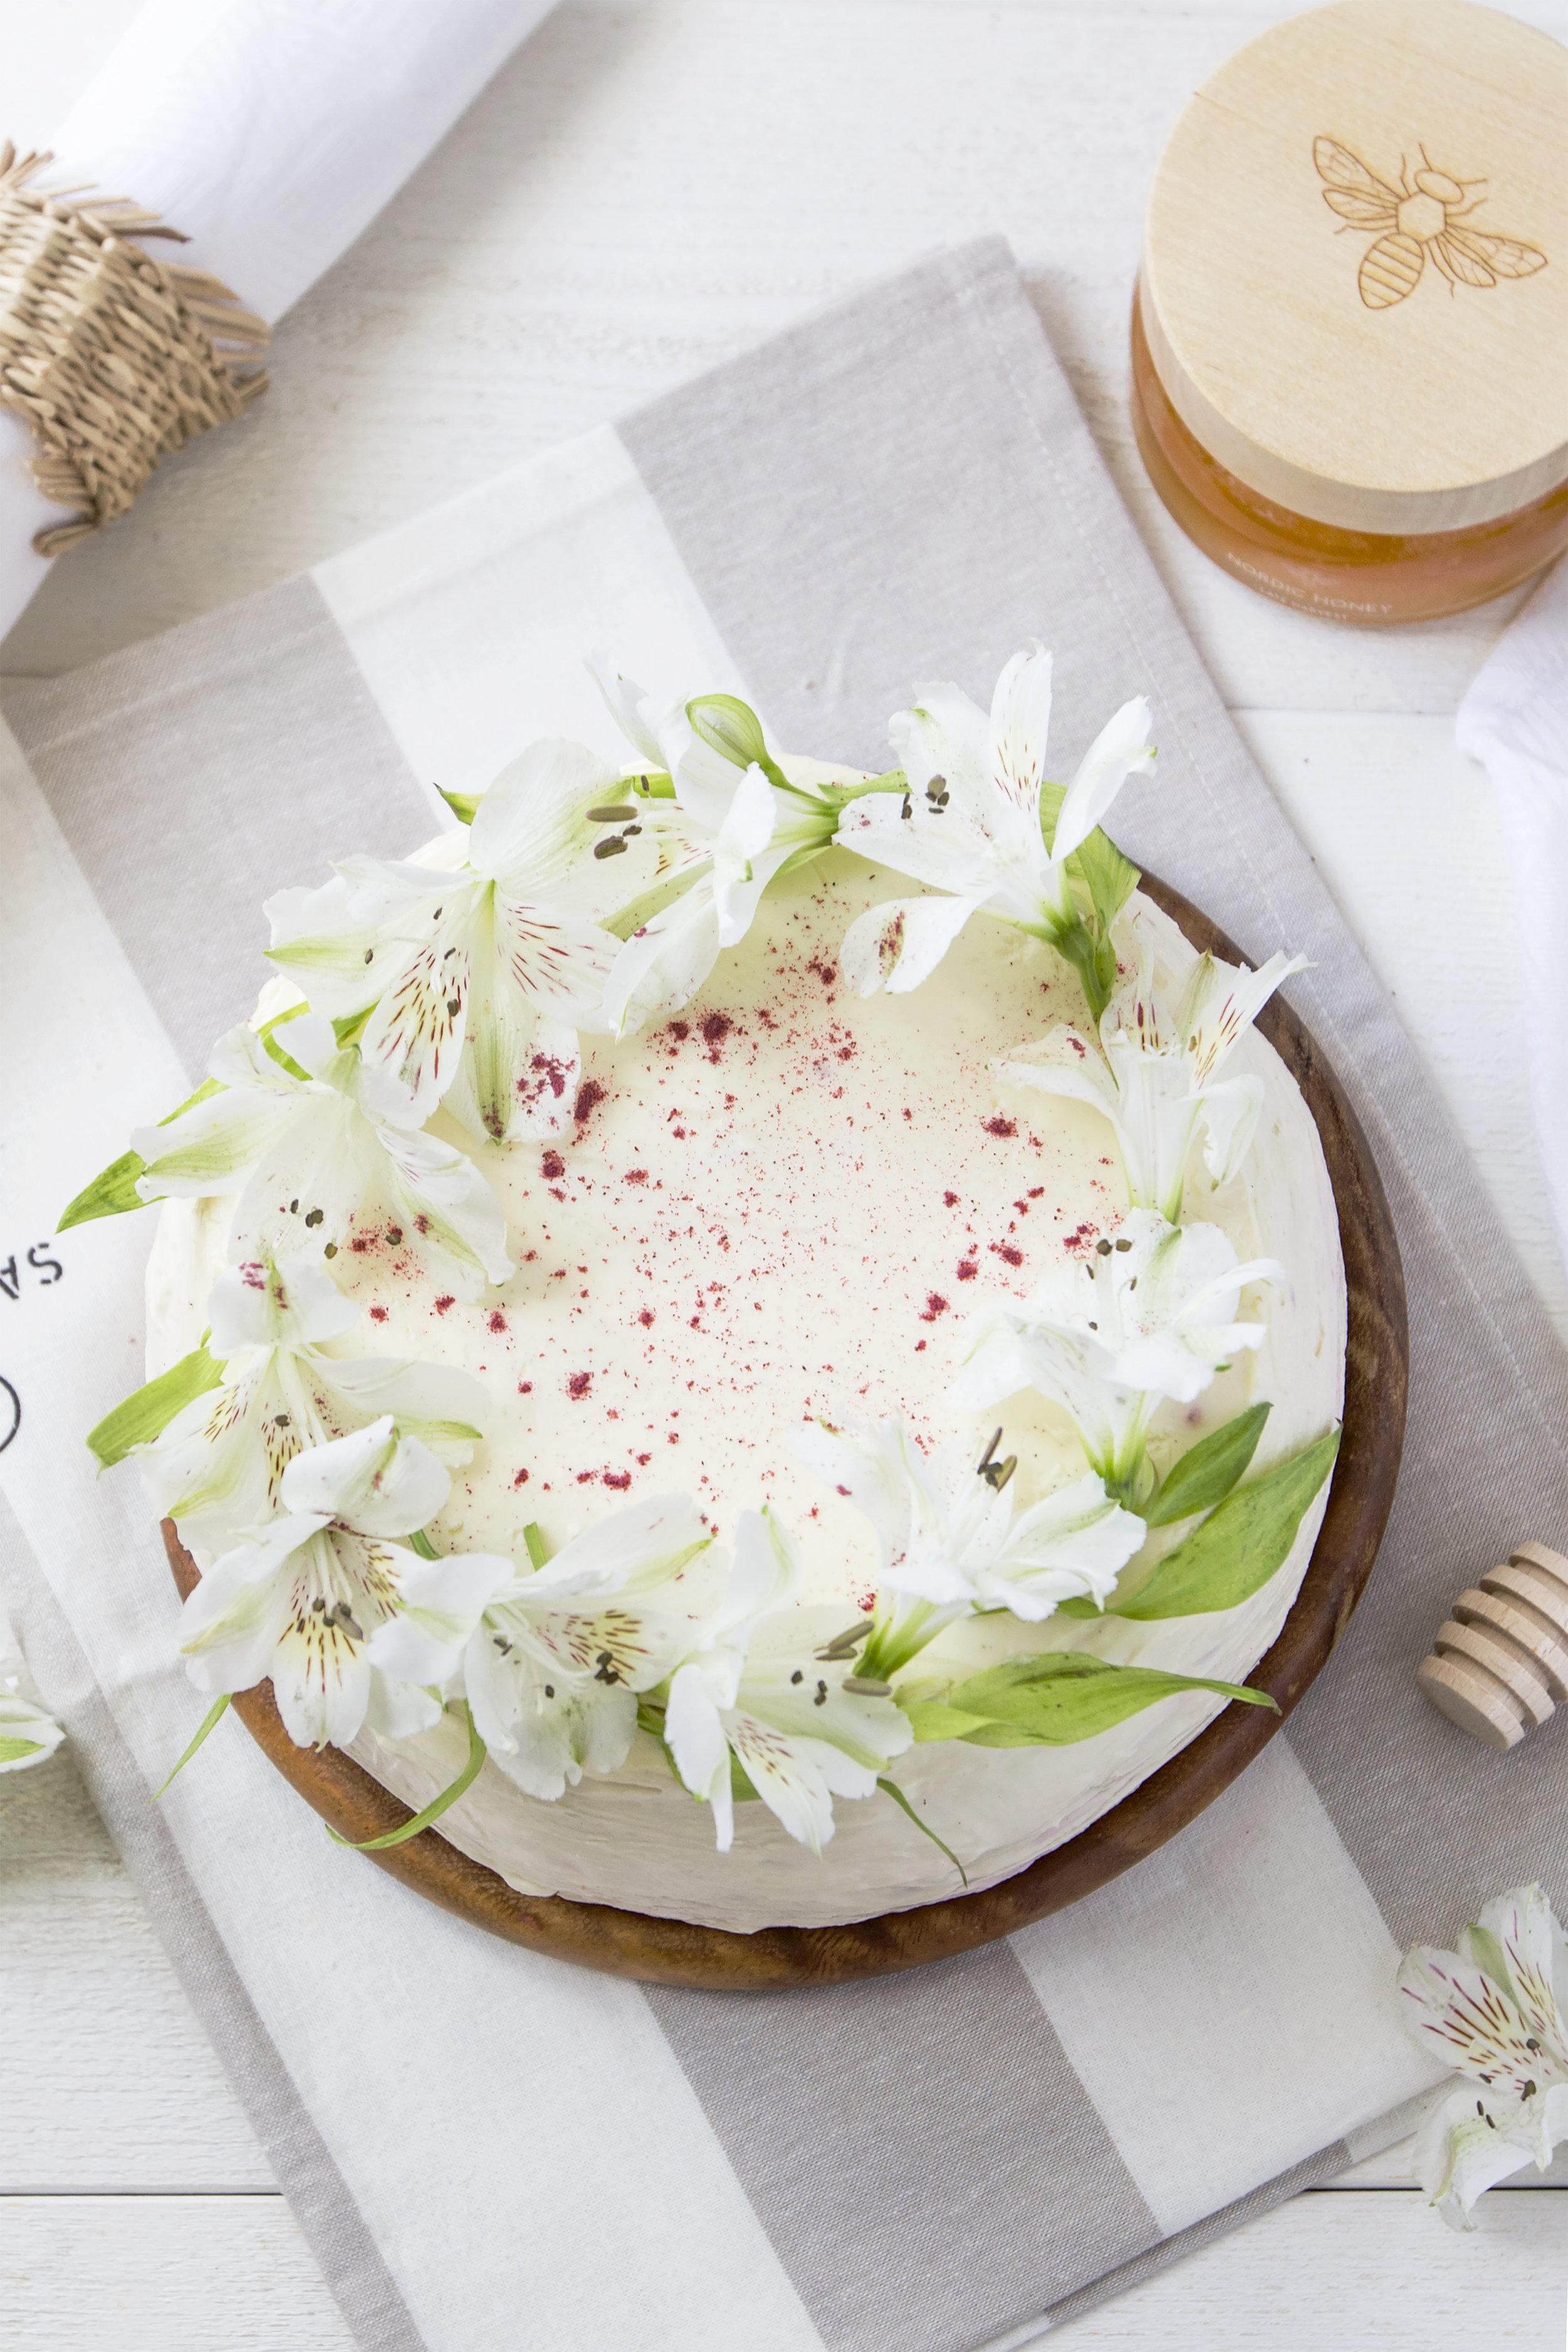 Nordic Honey_Honey Cake with Raspberries and Cardamom